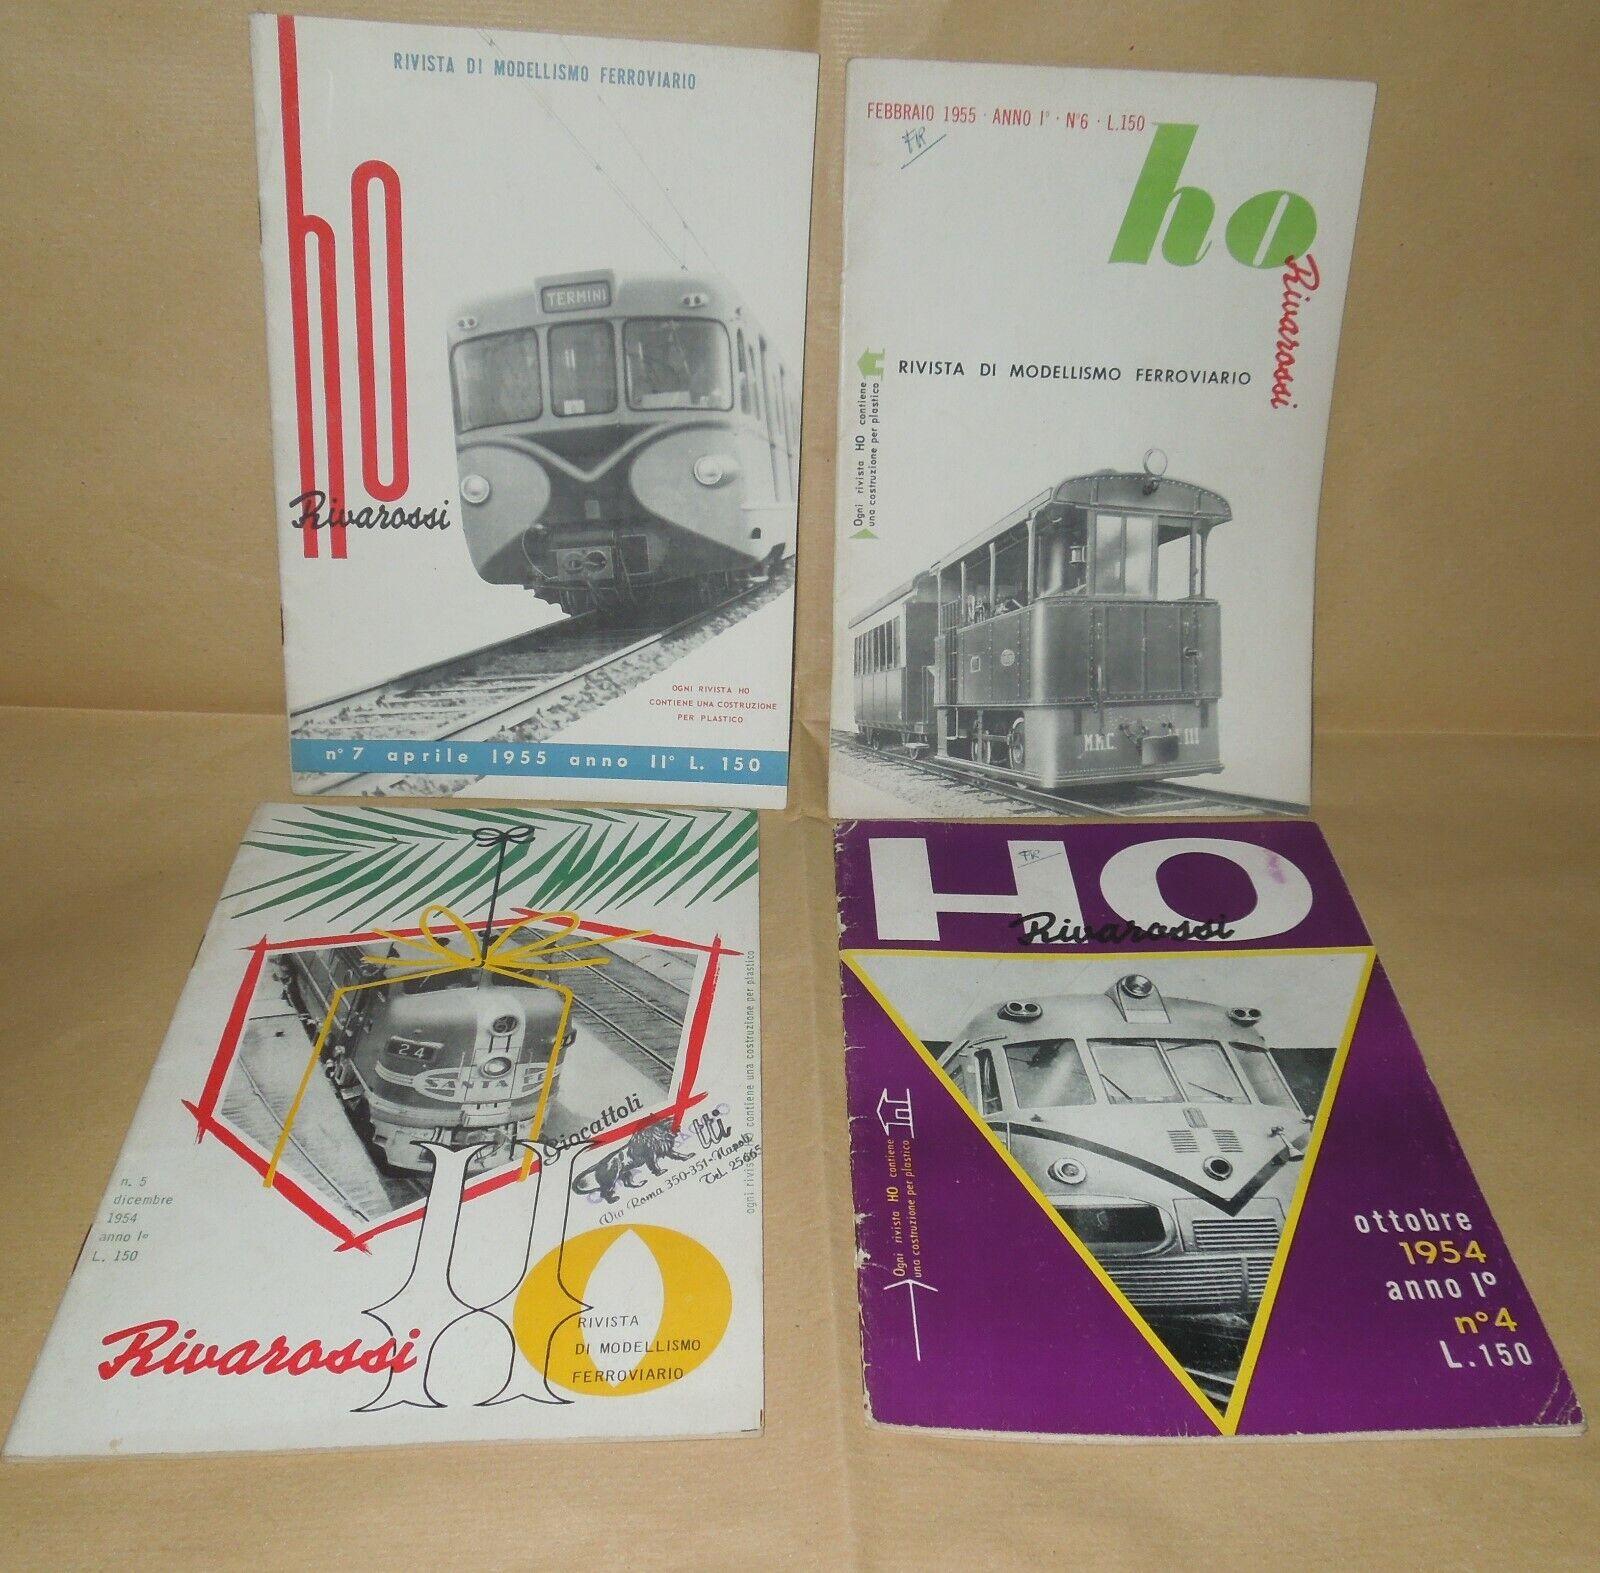 Riviste modellismo ferroviatio H0 rivarossi 32 numeri dal n. 4 del  1954 al 62